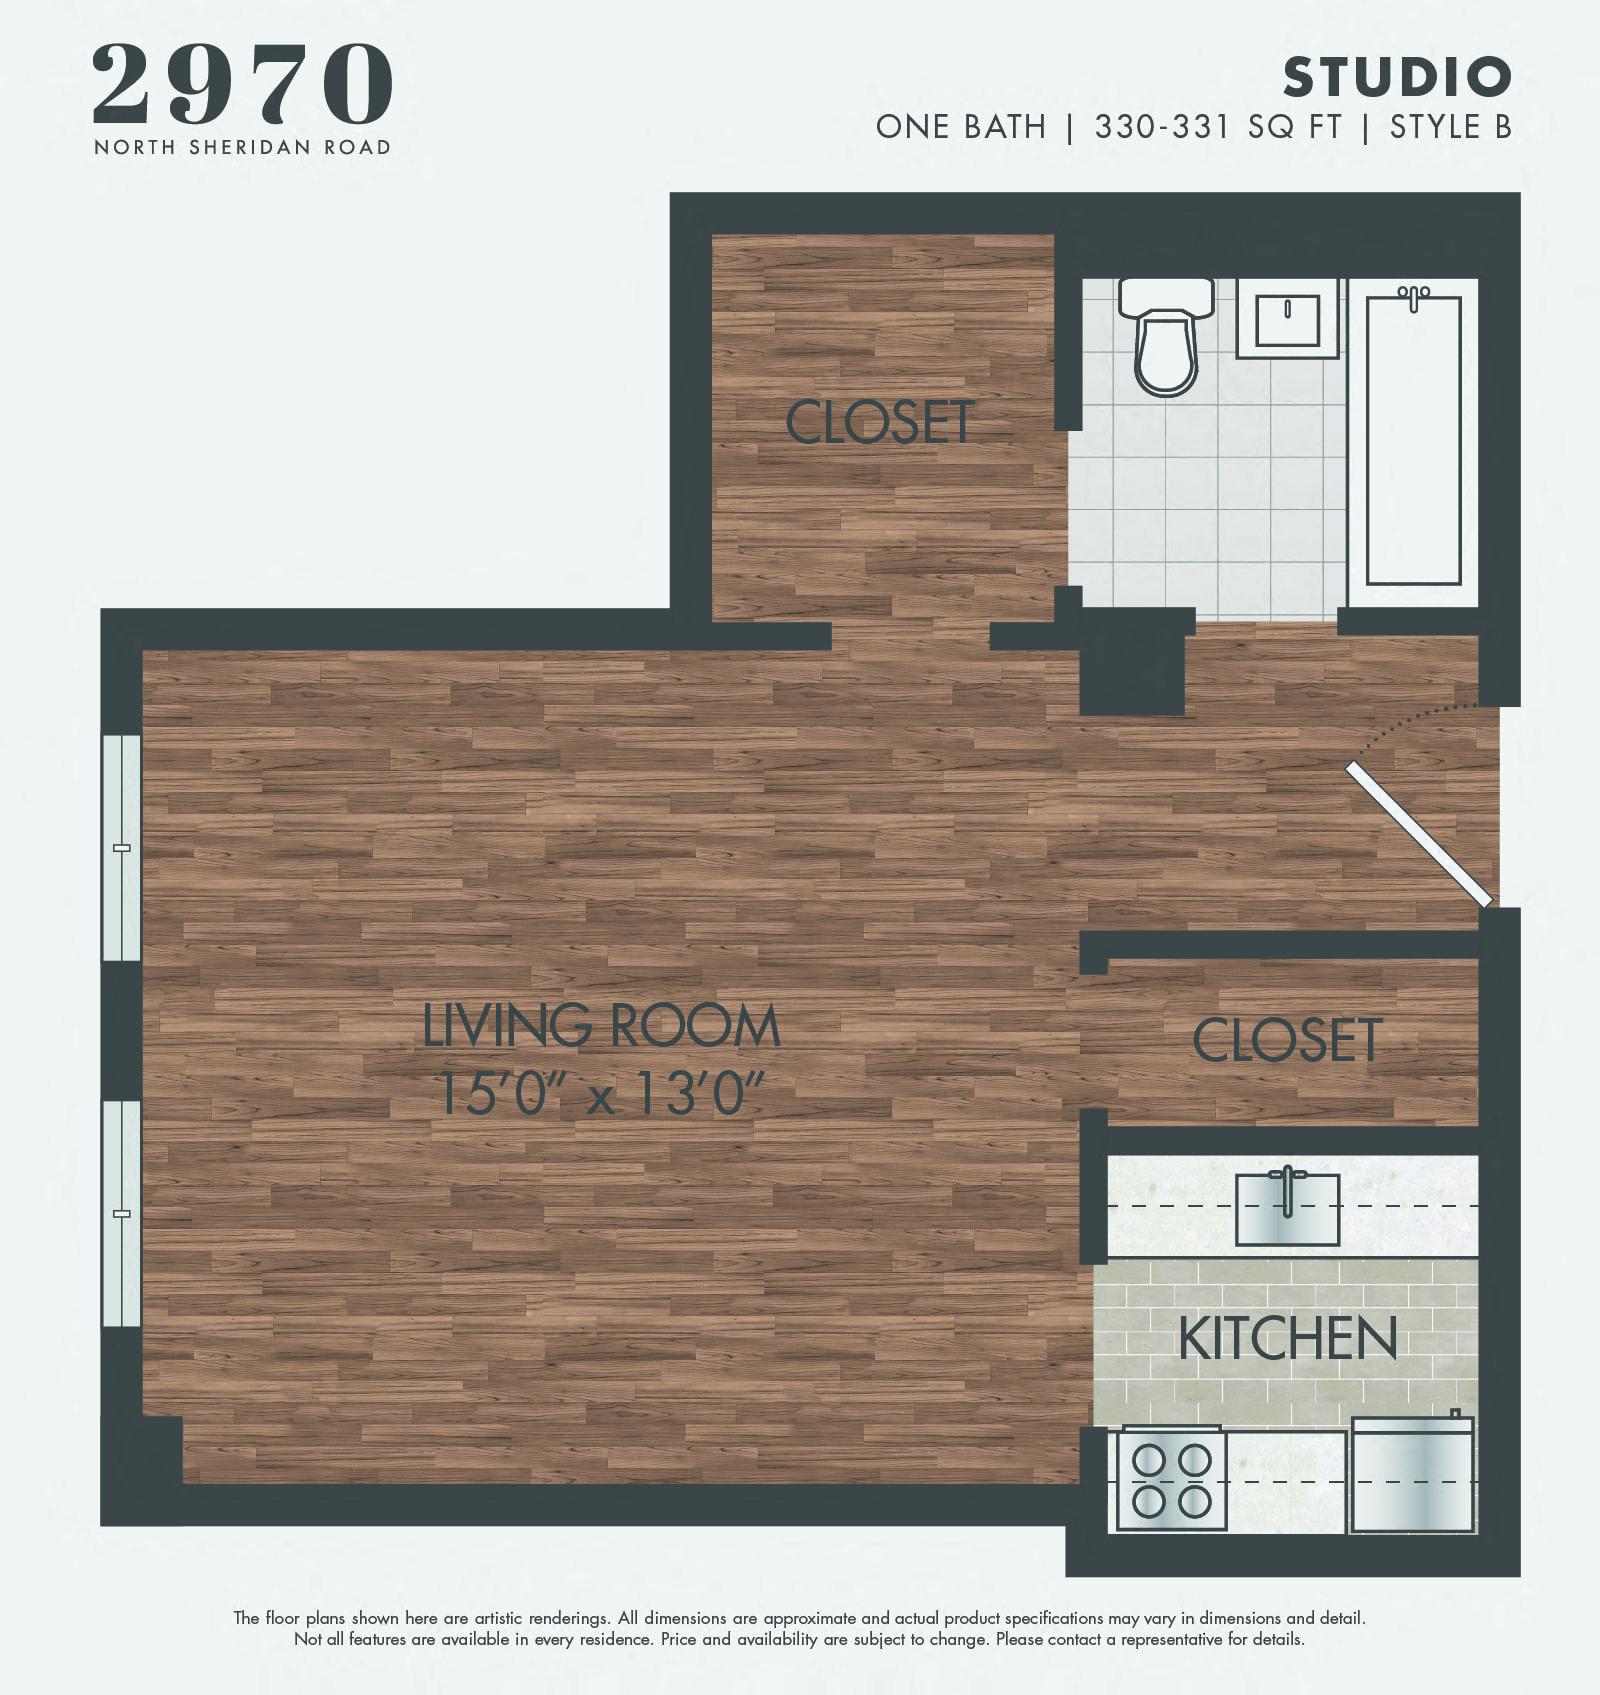 Studio - Style B